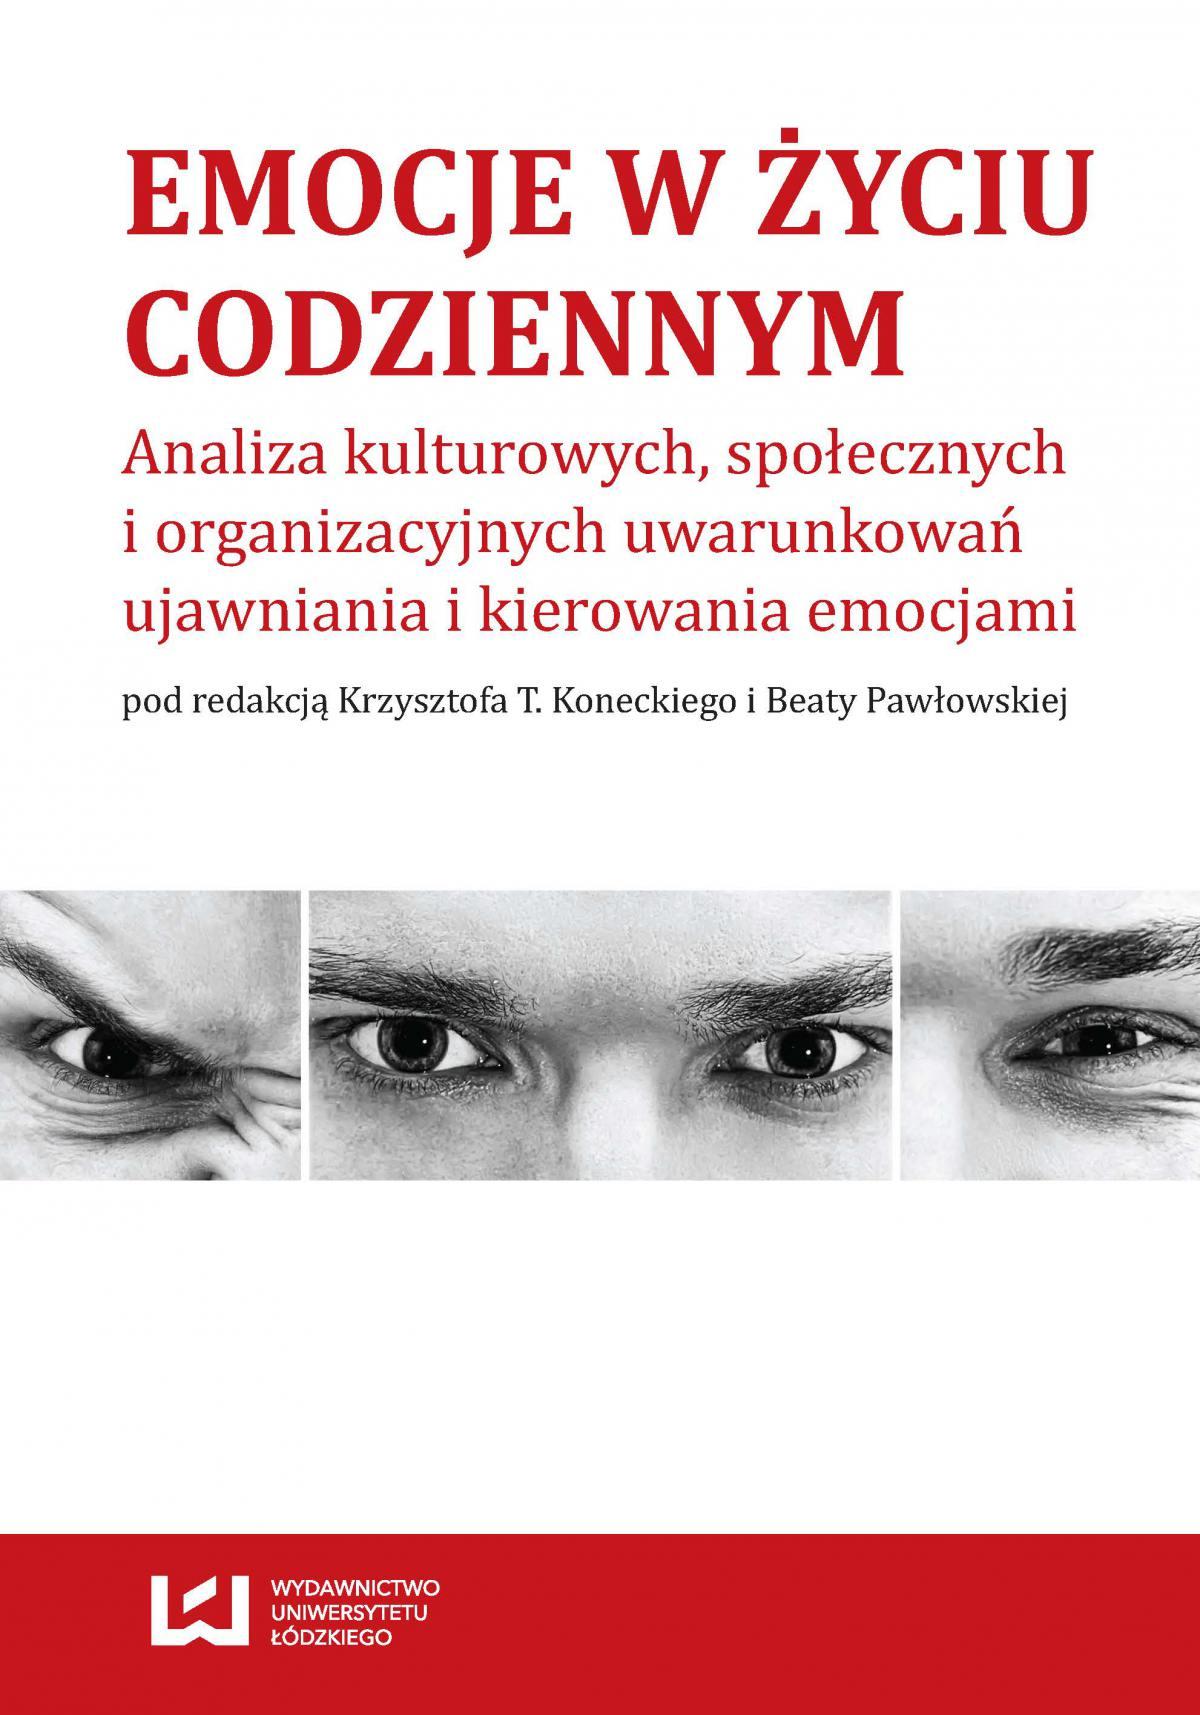 Emocje w życiu codziennym. Analiza kulturowych, społecznych i organizacyjnych uwarunkowań ujawniania i kierowania emocjami - Ebook (Książka PDF) do pobrania w formacie PDF